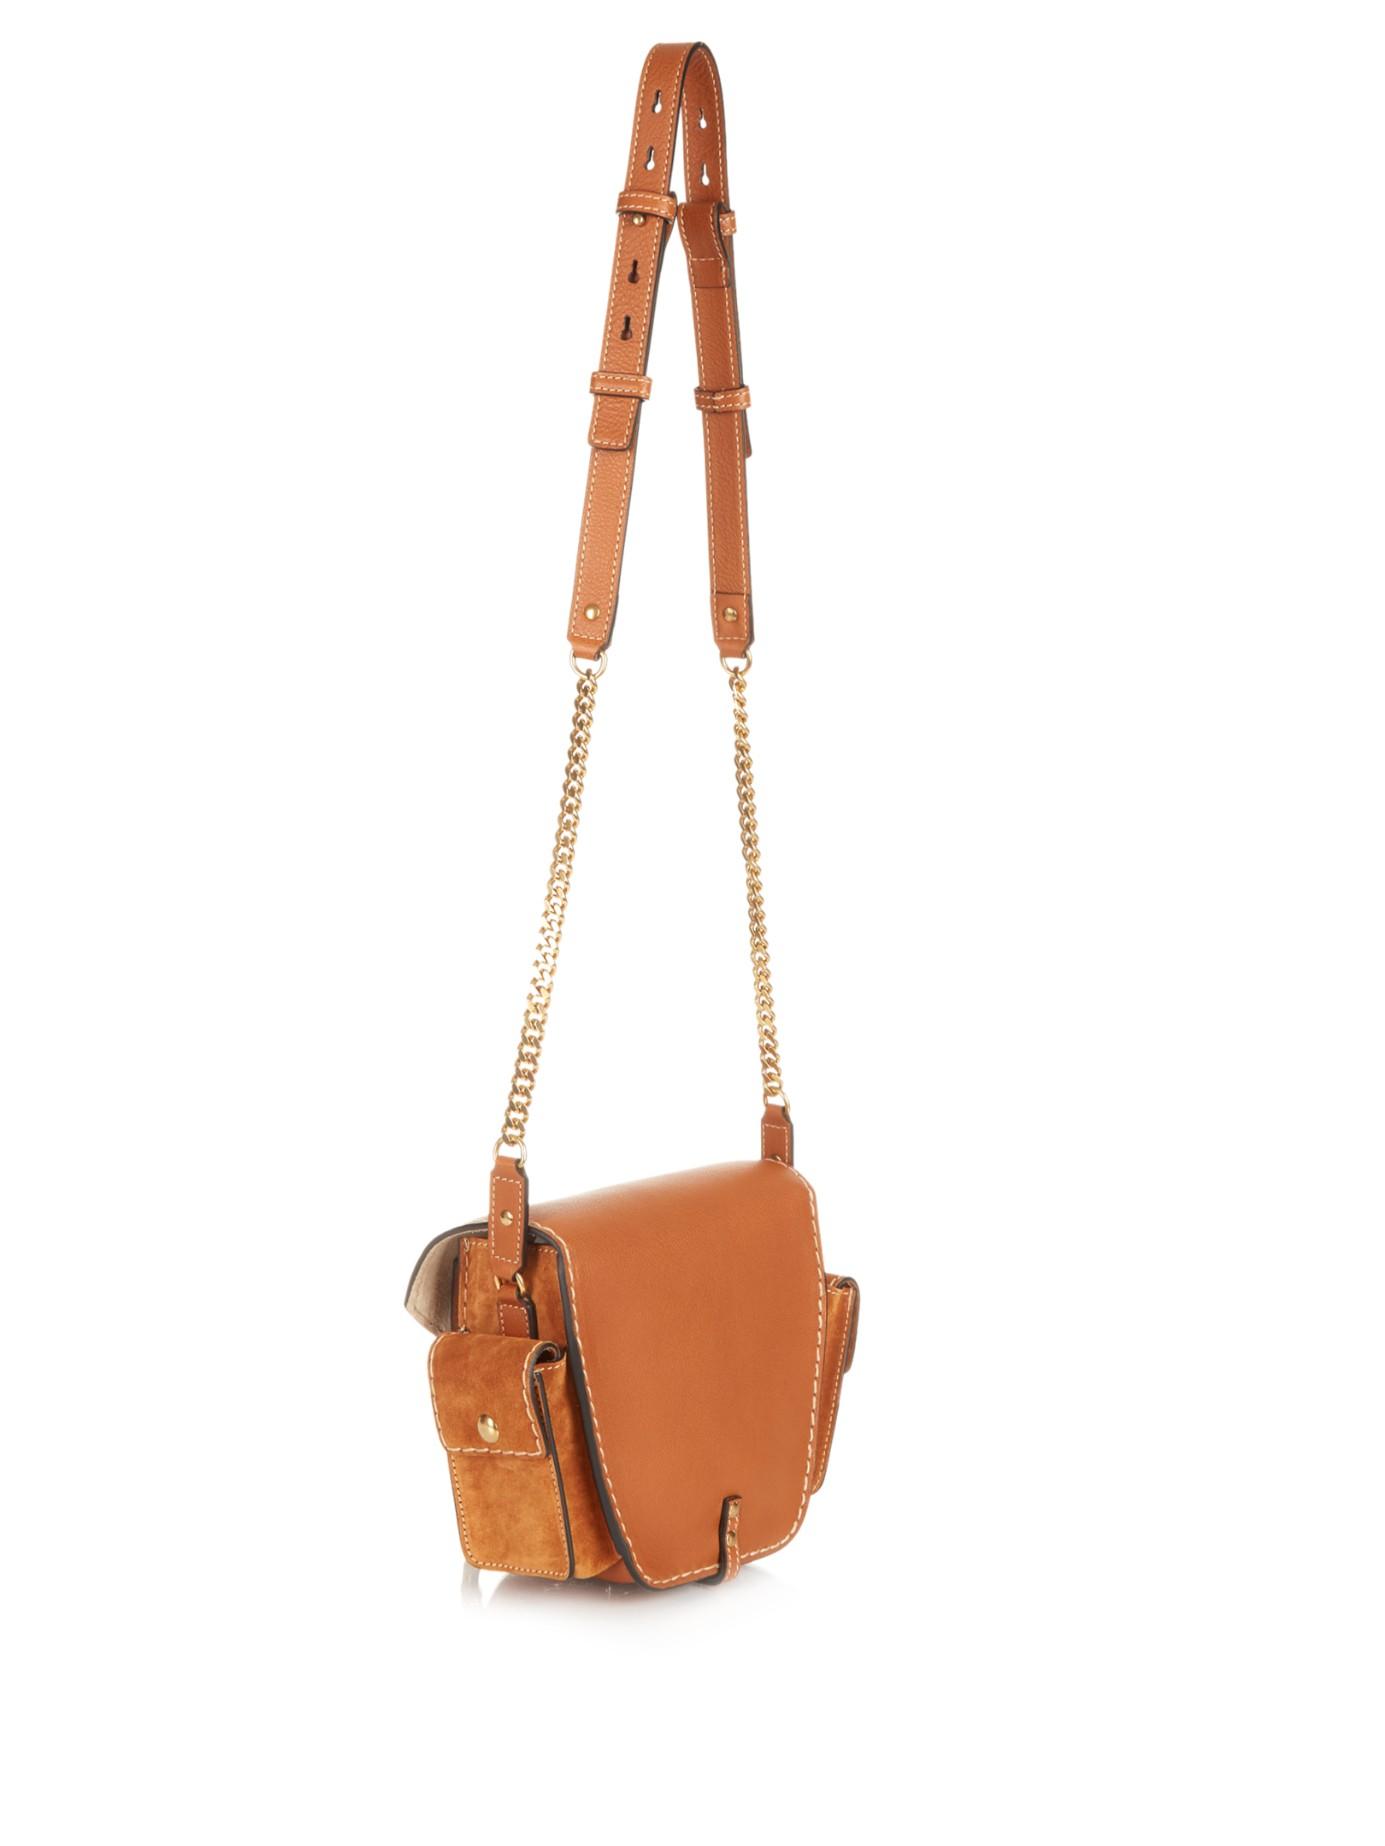 chloe bags faye paraty replica cheap price $137